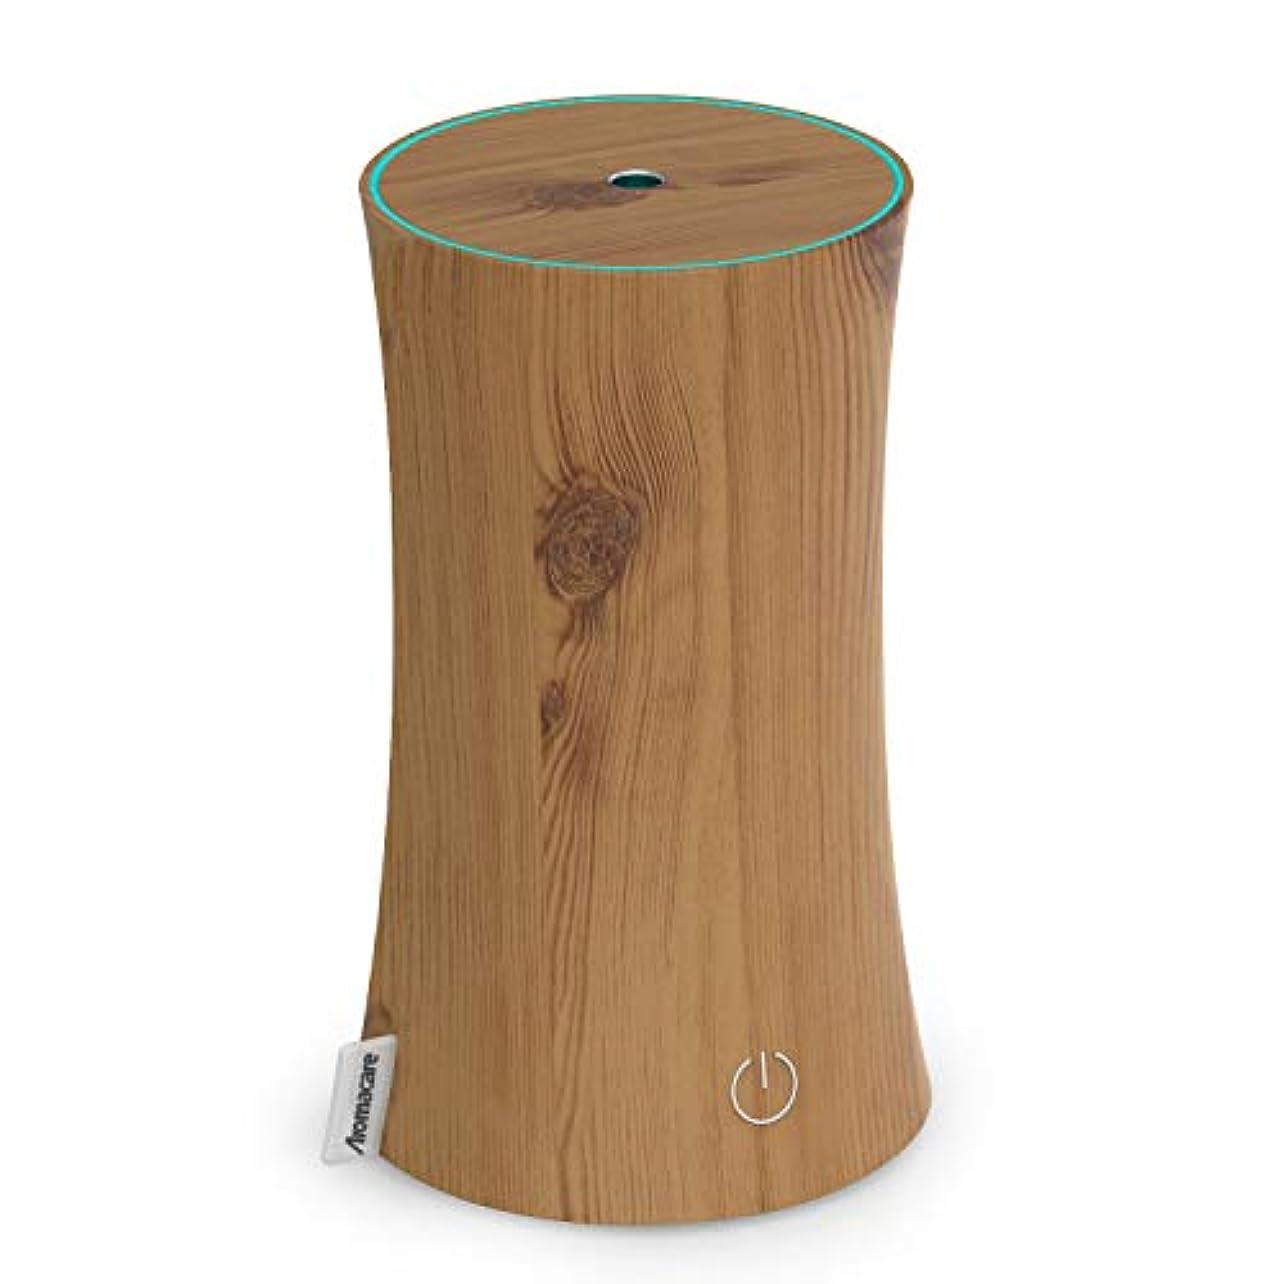 ローズ下向きまたはアロマディフューザー 卓上加湿器 センサー付き 超音波式 空焚き防止 低騒音 300ml 連続運転 各場所用 省エネ 木目調 木の色